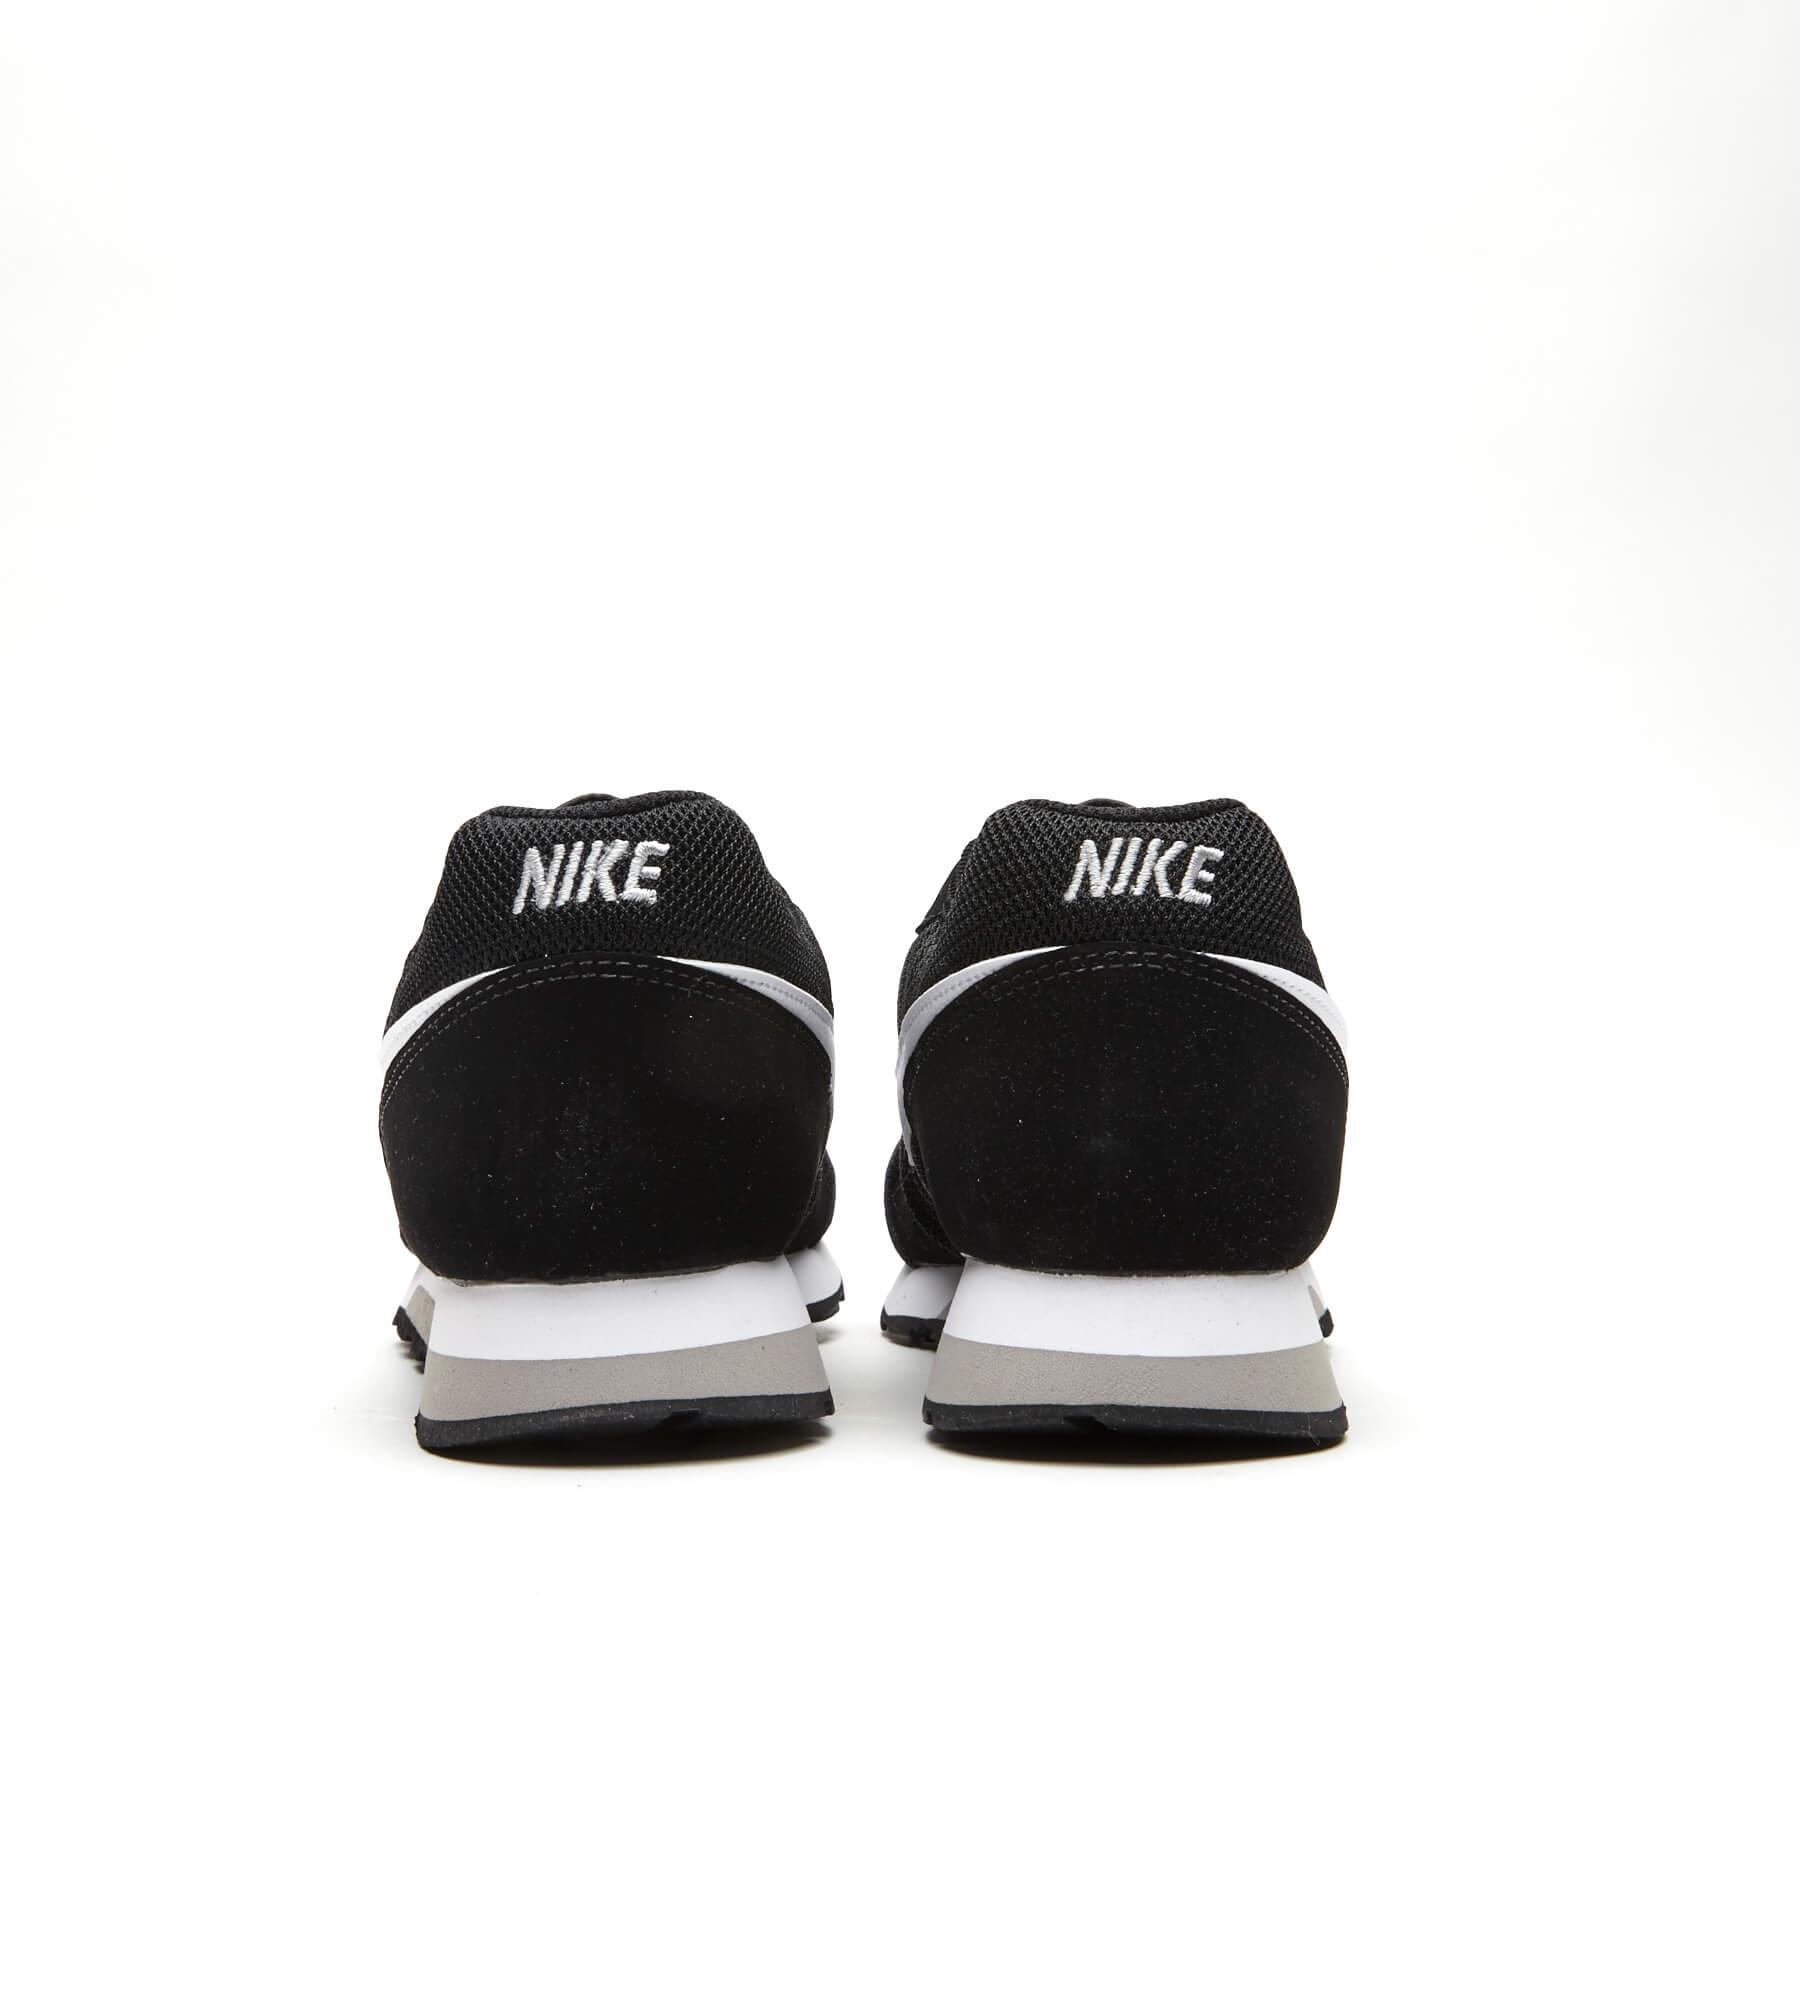 zapatillas nike niños decimas, La zapatilla nike md runner 2